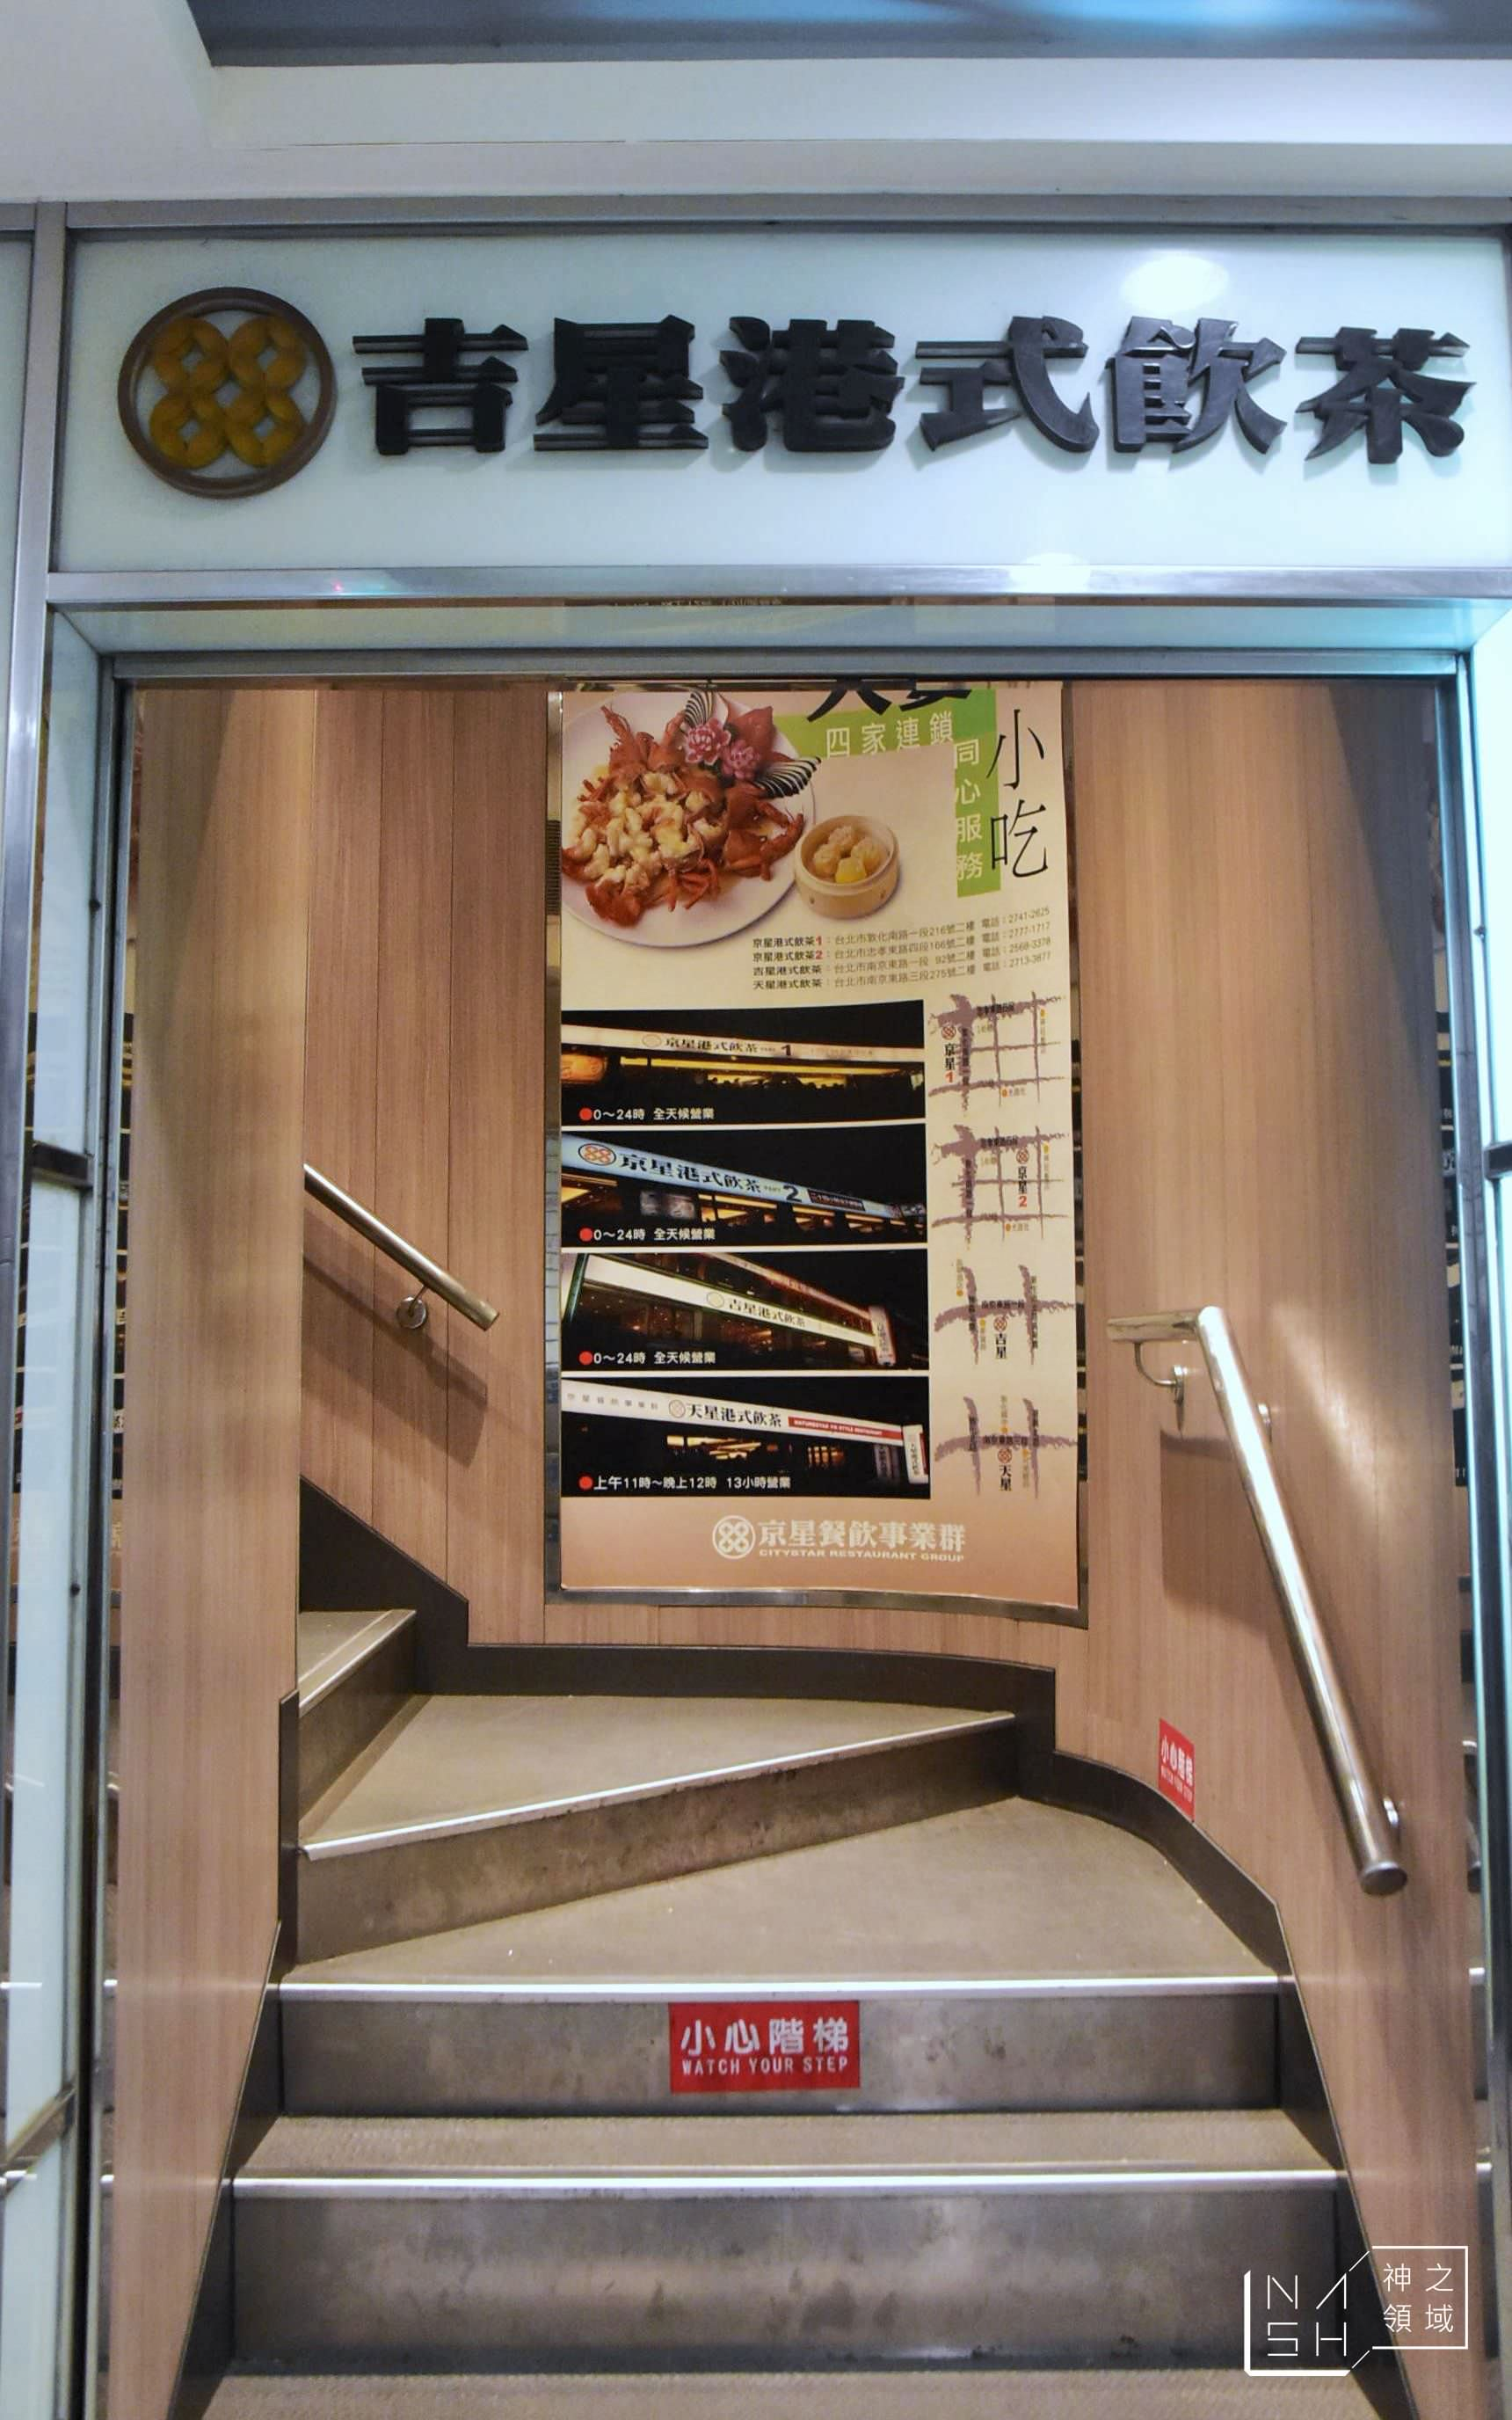 吉星港式飲茶,捷運中山站美食,港式飲茶,24小時營業,台北飲茶懶人包